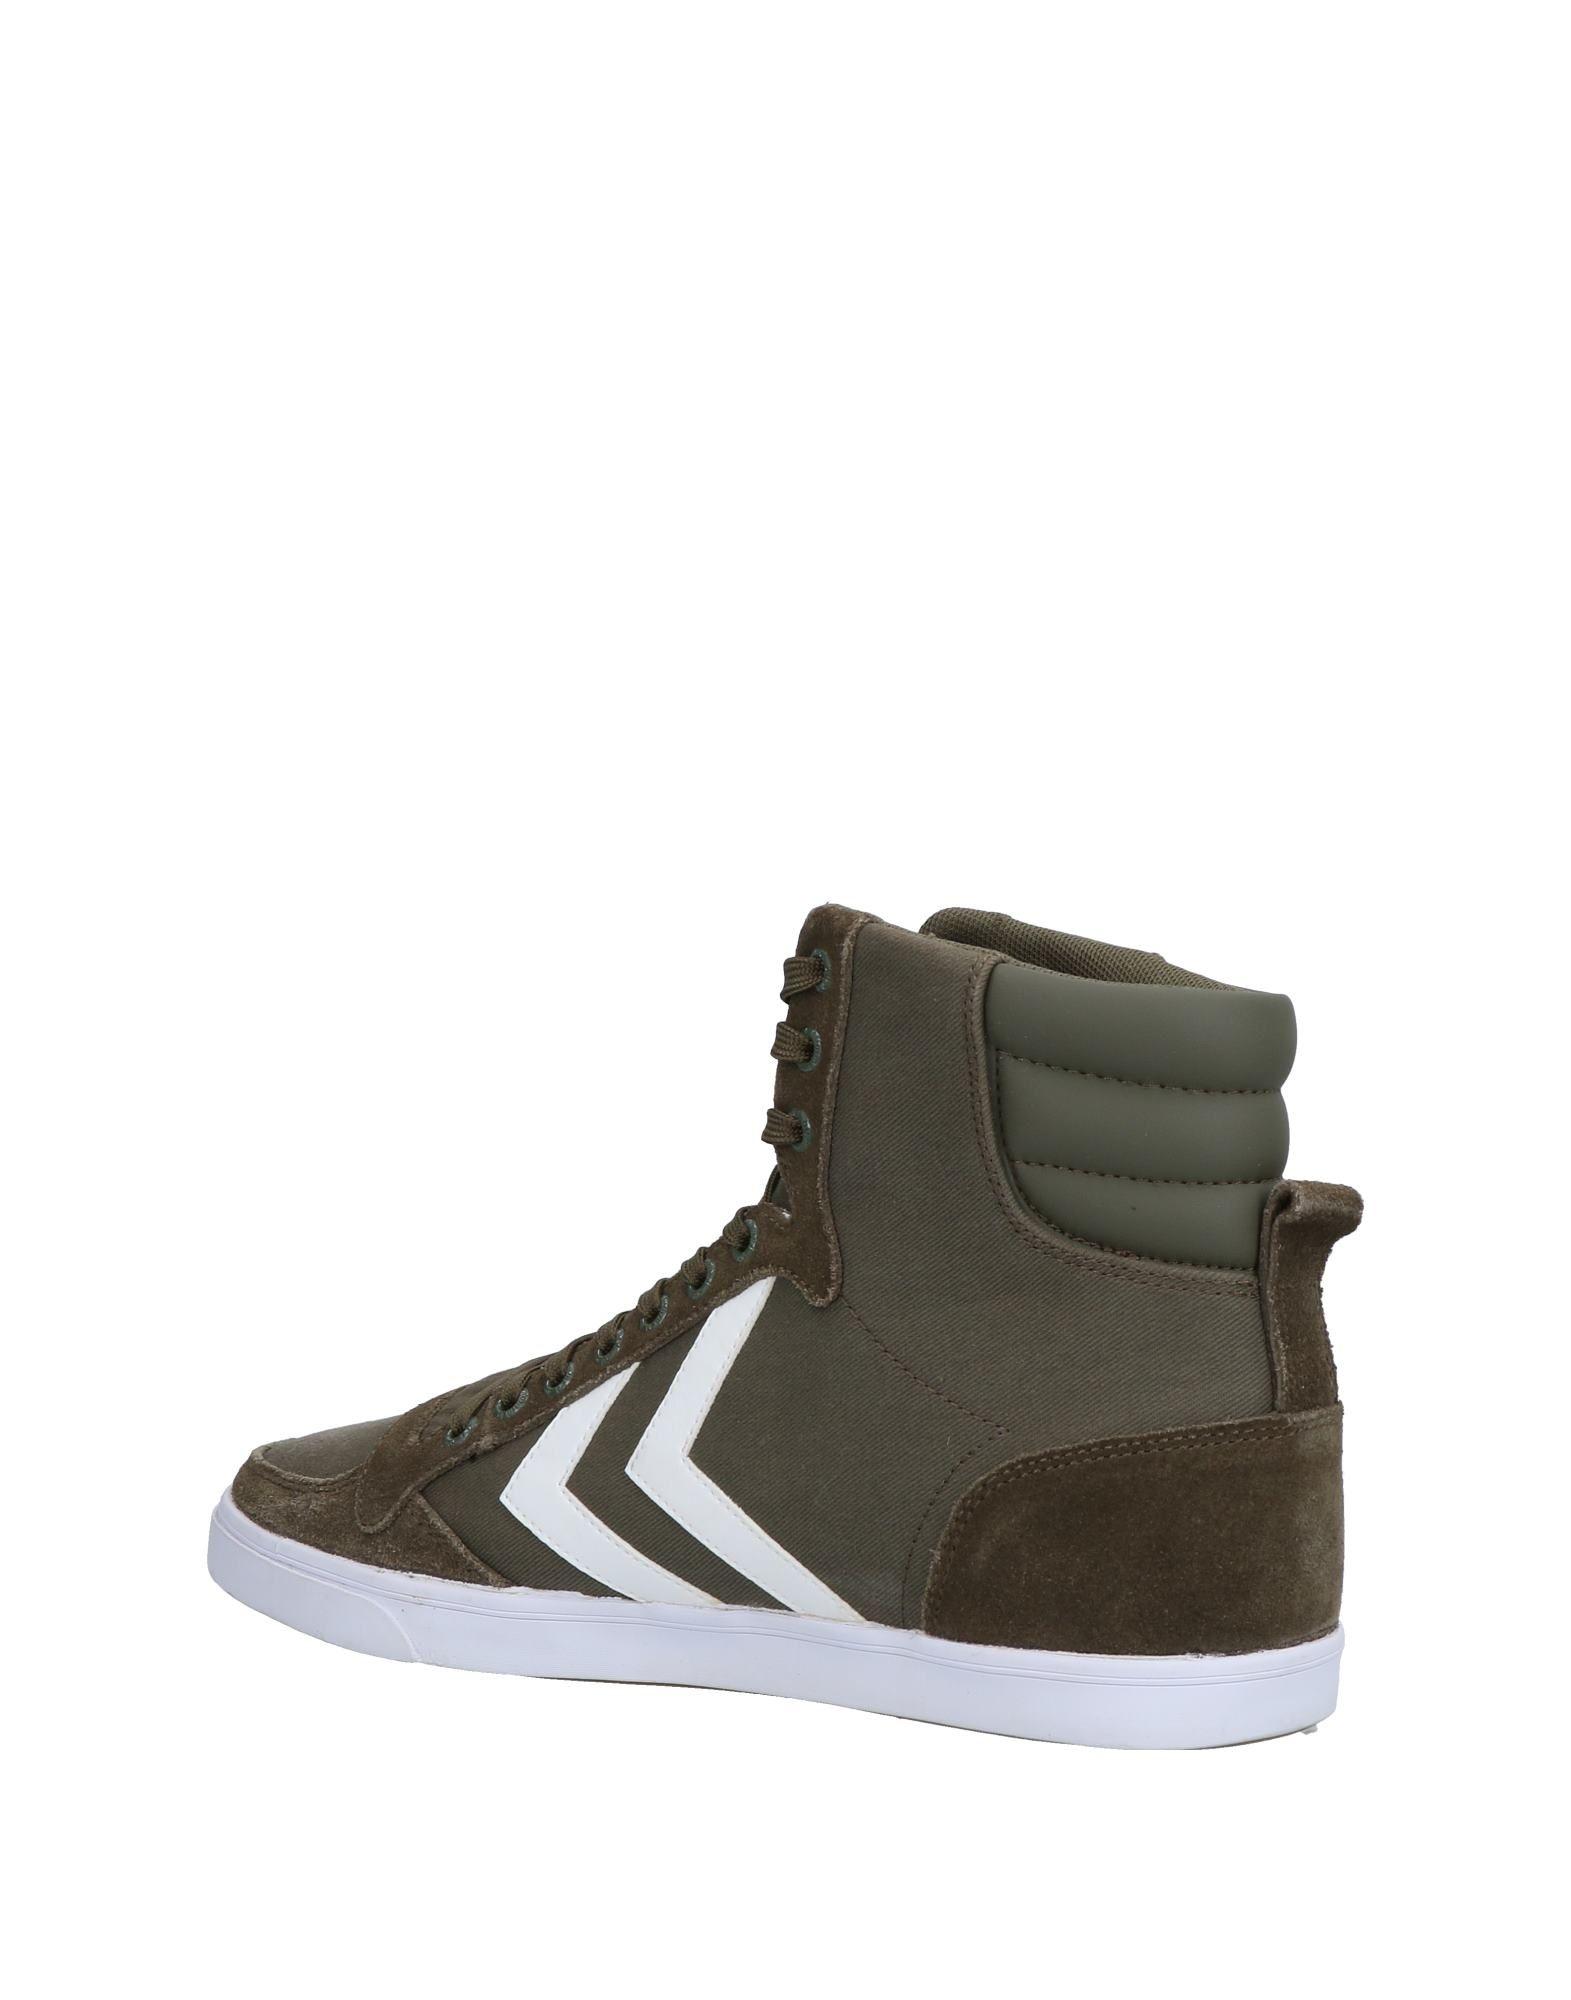 Rabatt echte Schuhe Hummel Sneakers 11502330GI Herren  11502330GI Sneakers 0479c9